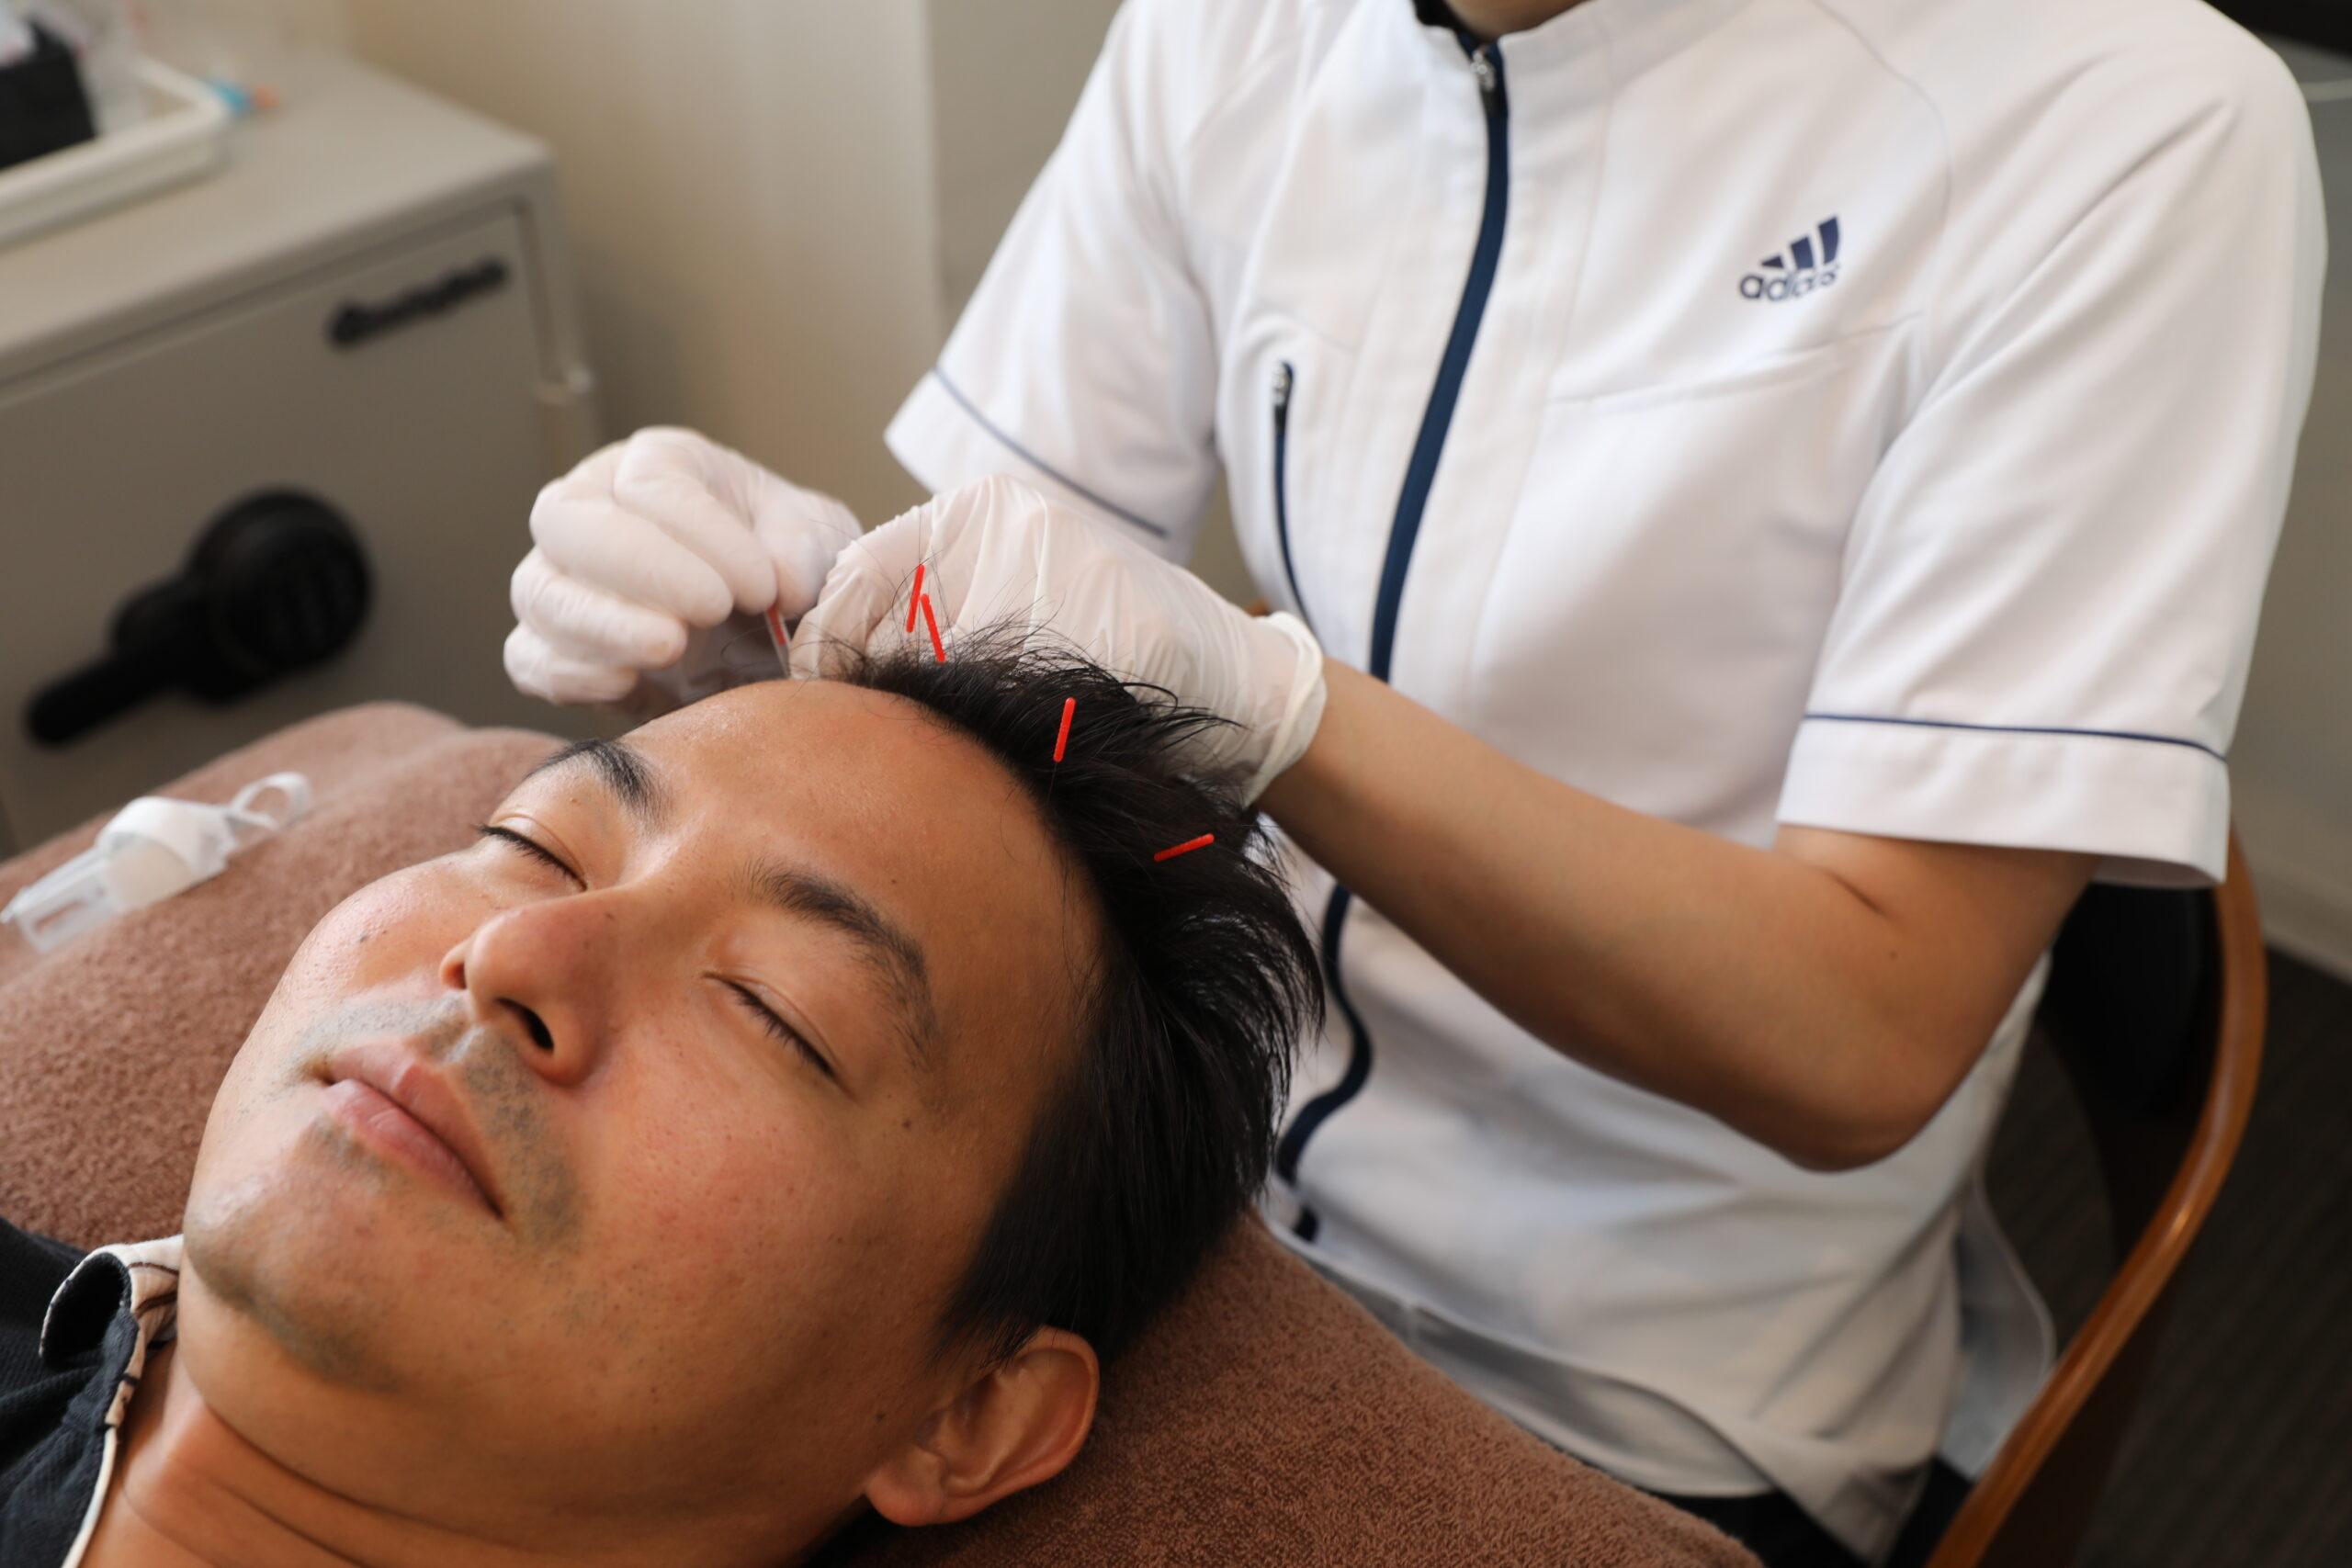 ヘルメットをかぶる仕事の男性に多い、特徴的な薄毛の原因